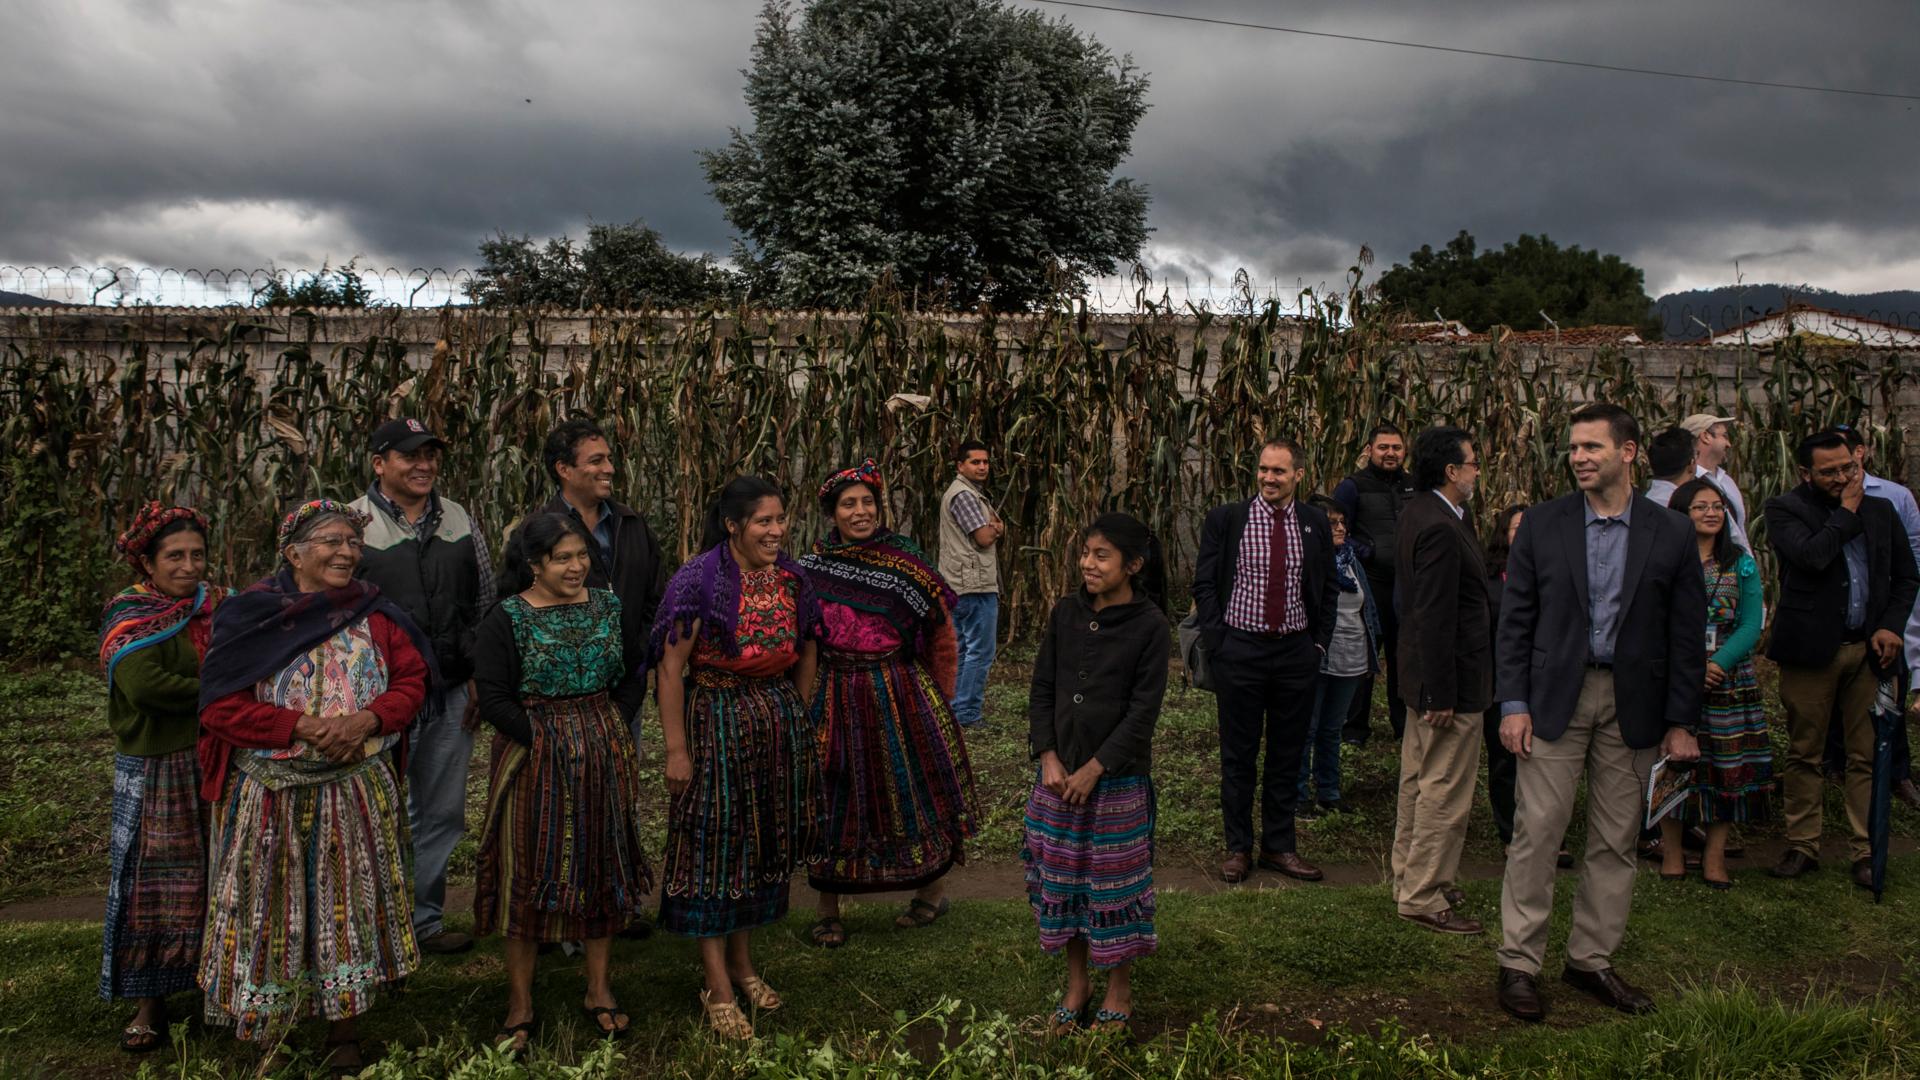 El comisionado de Aduanas y Protección Fronteriza de Estados Unidos, Kevin McAleenan, a la derecha, recorría Buena Milpa, una granja cooperativa ubicada cerca de Quetzaltenango, Guatemala el año pasado. Este proyecto agrícola es apoyado por la Agencia de los Estados Unidos para el Desarrollo Internacional. (Kirsten Luce para The New York Times)